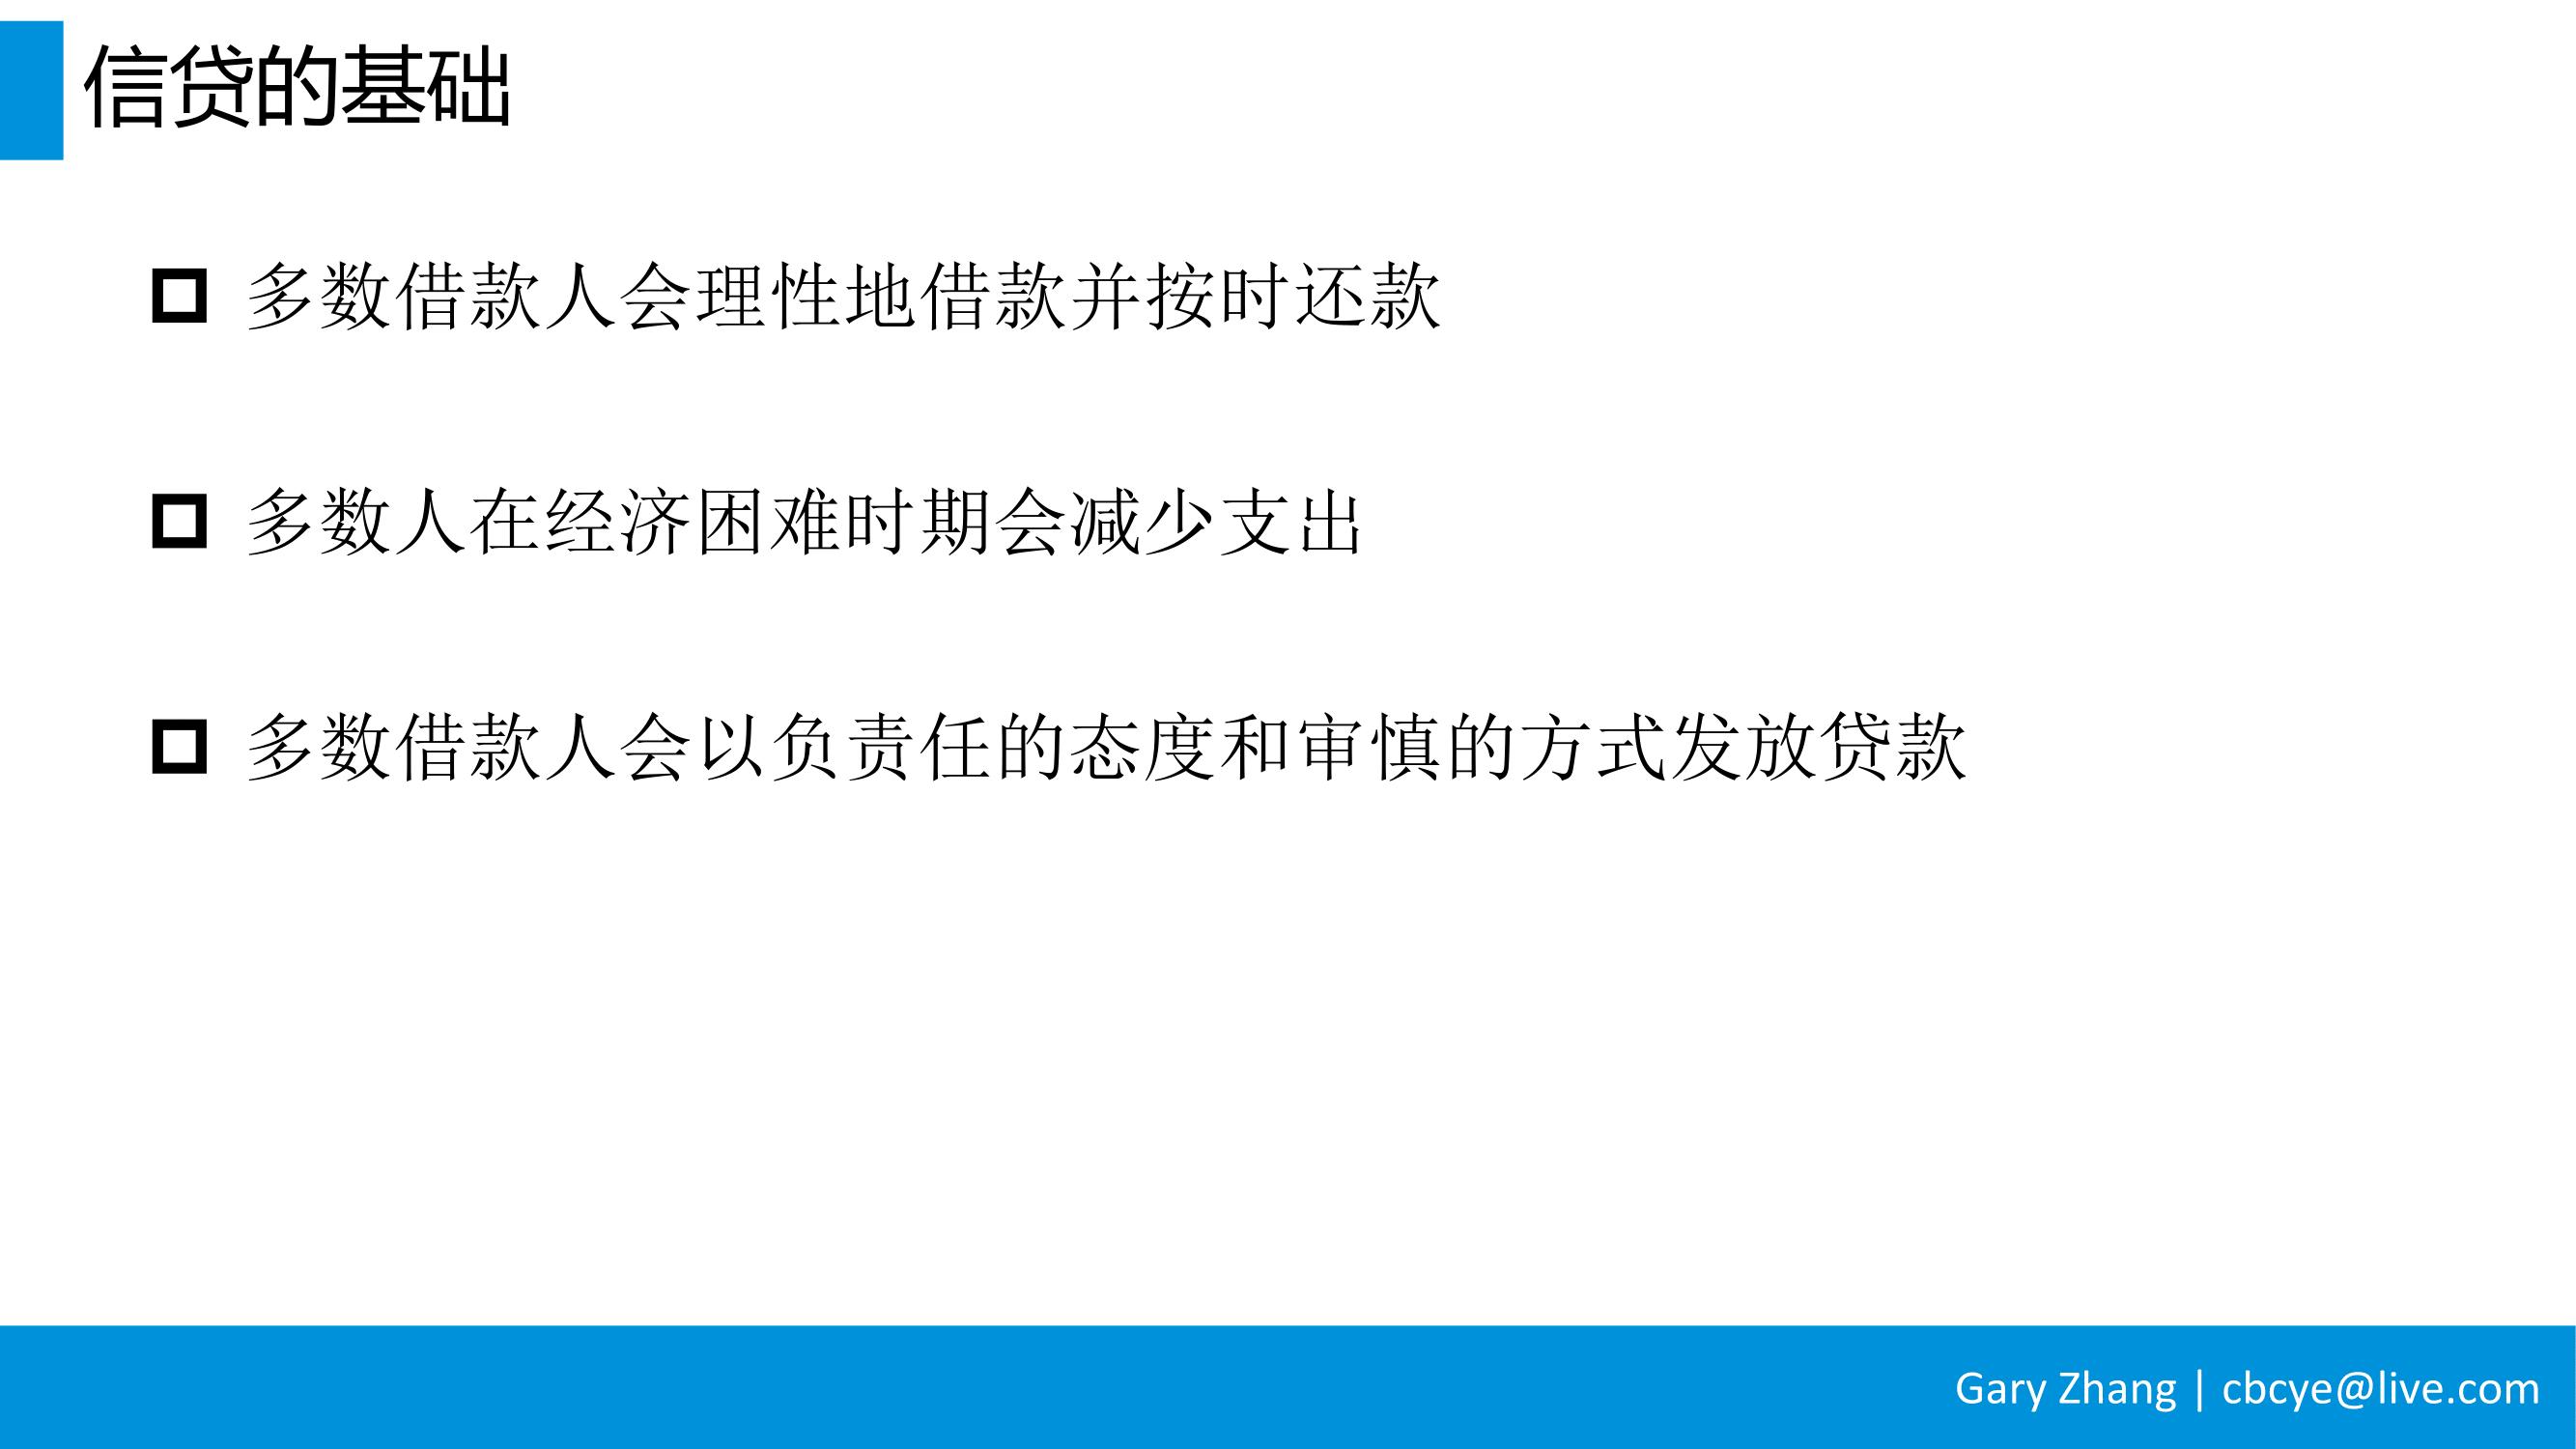 消费金融业务全流程指南_v1.0-005